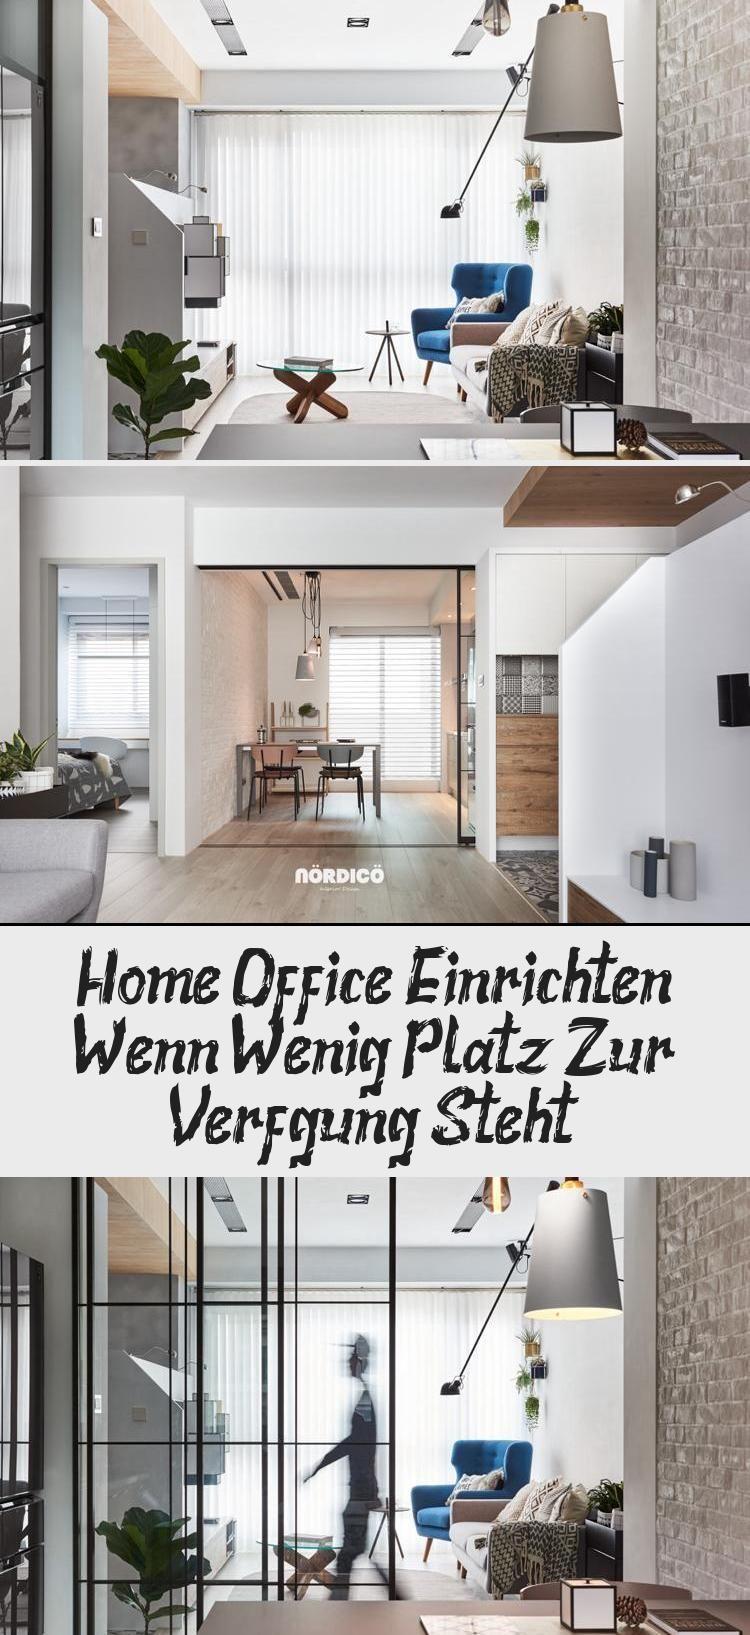 Home Office Einrichten, Wenn Wenig Platz Zur Verfügung Steht